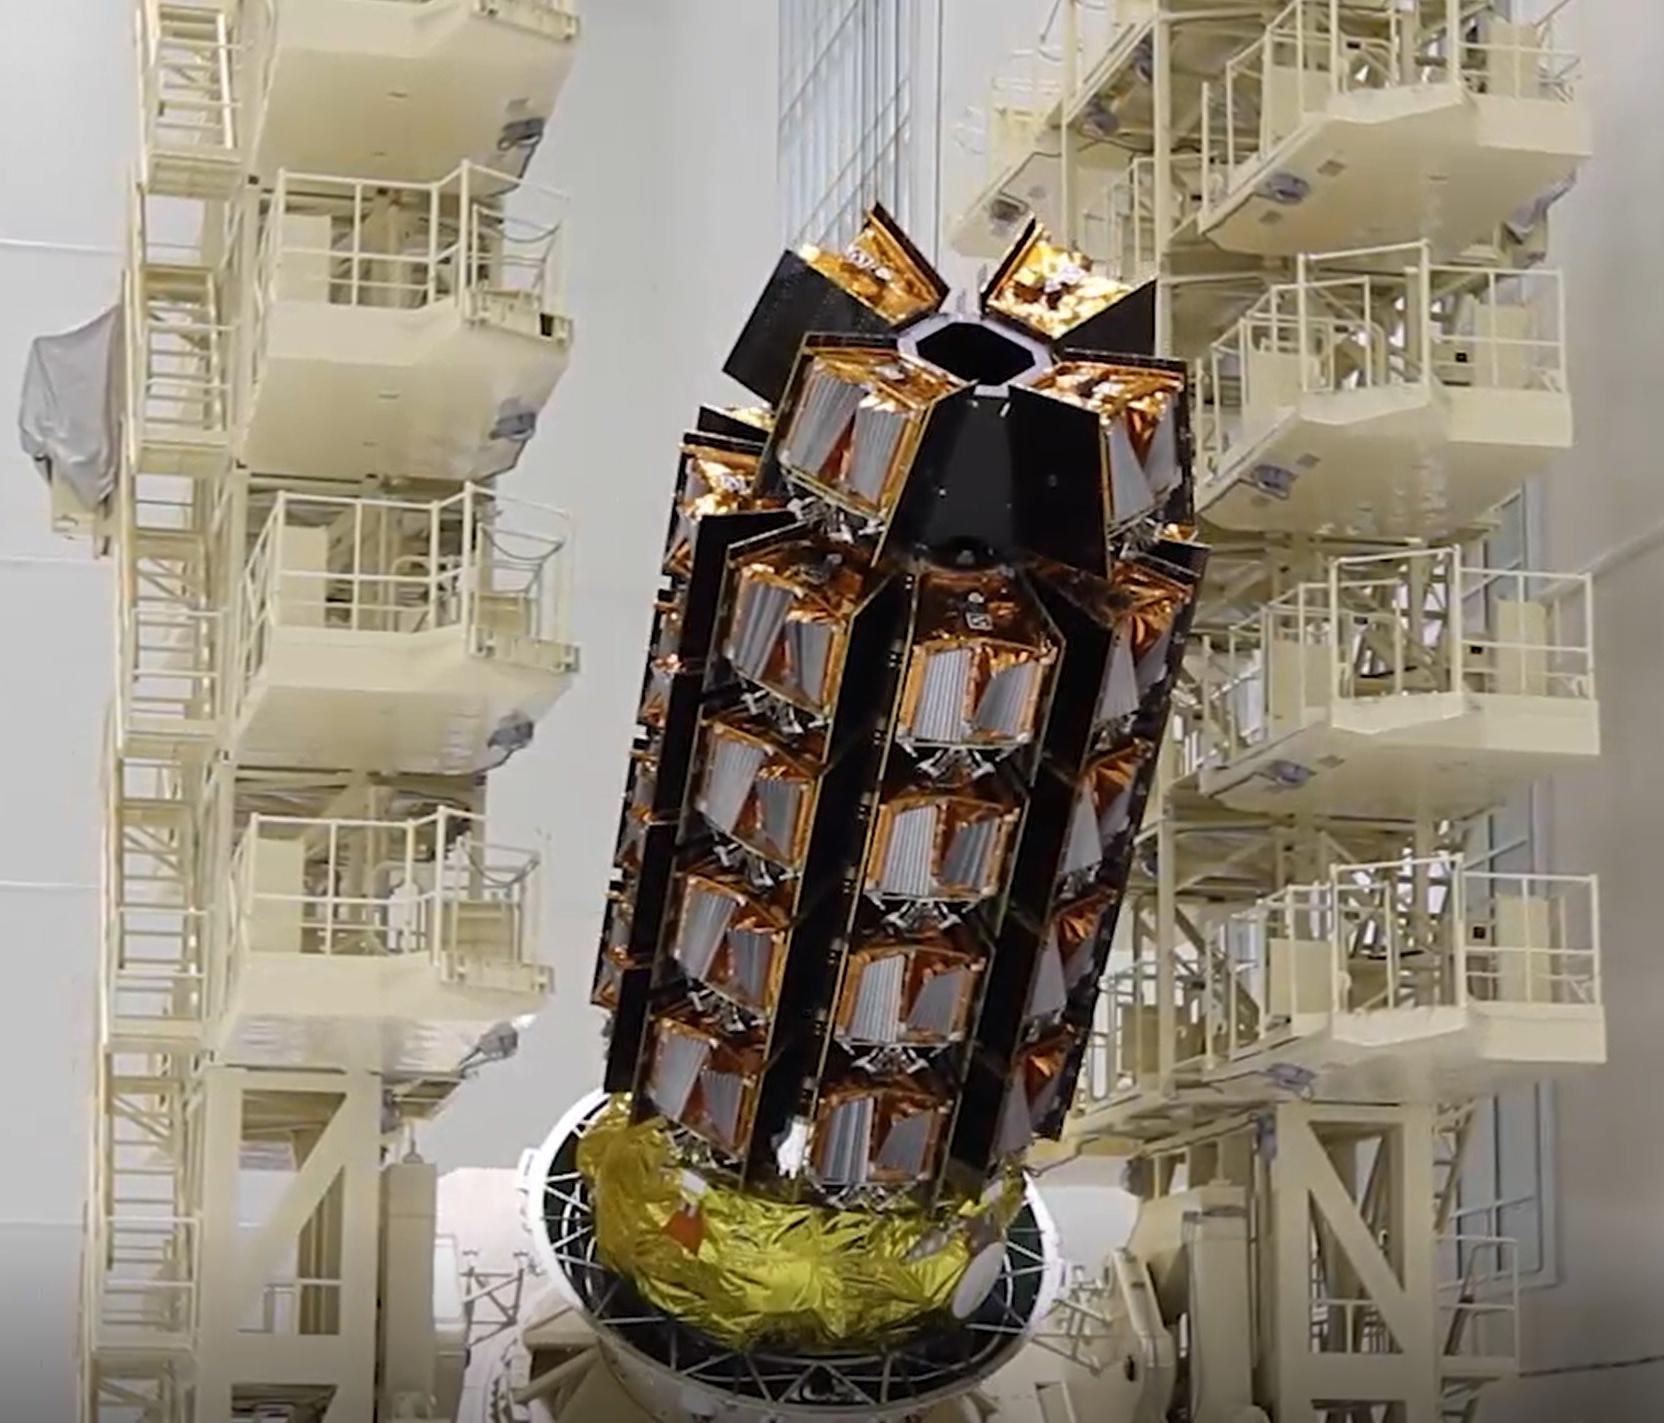 Les 36 satellites Internet de OneWeb sont empilés en position de lancement avant un lancement le 18 décembre 2020 depuis le cosmodrome russe de Vostochny.